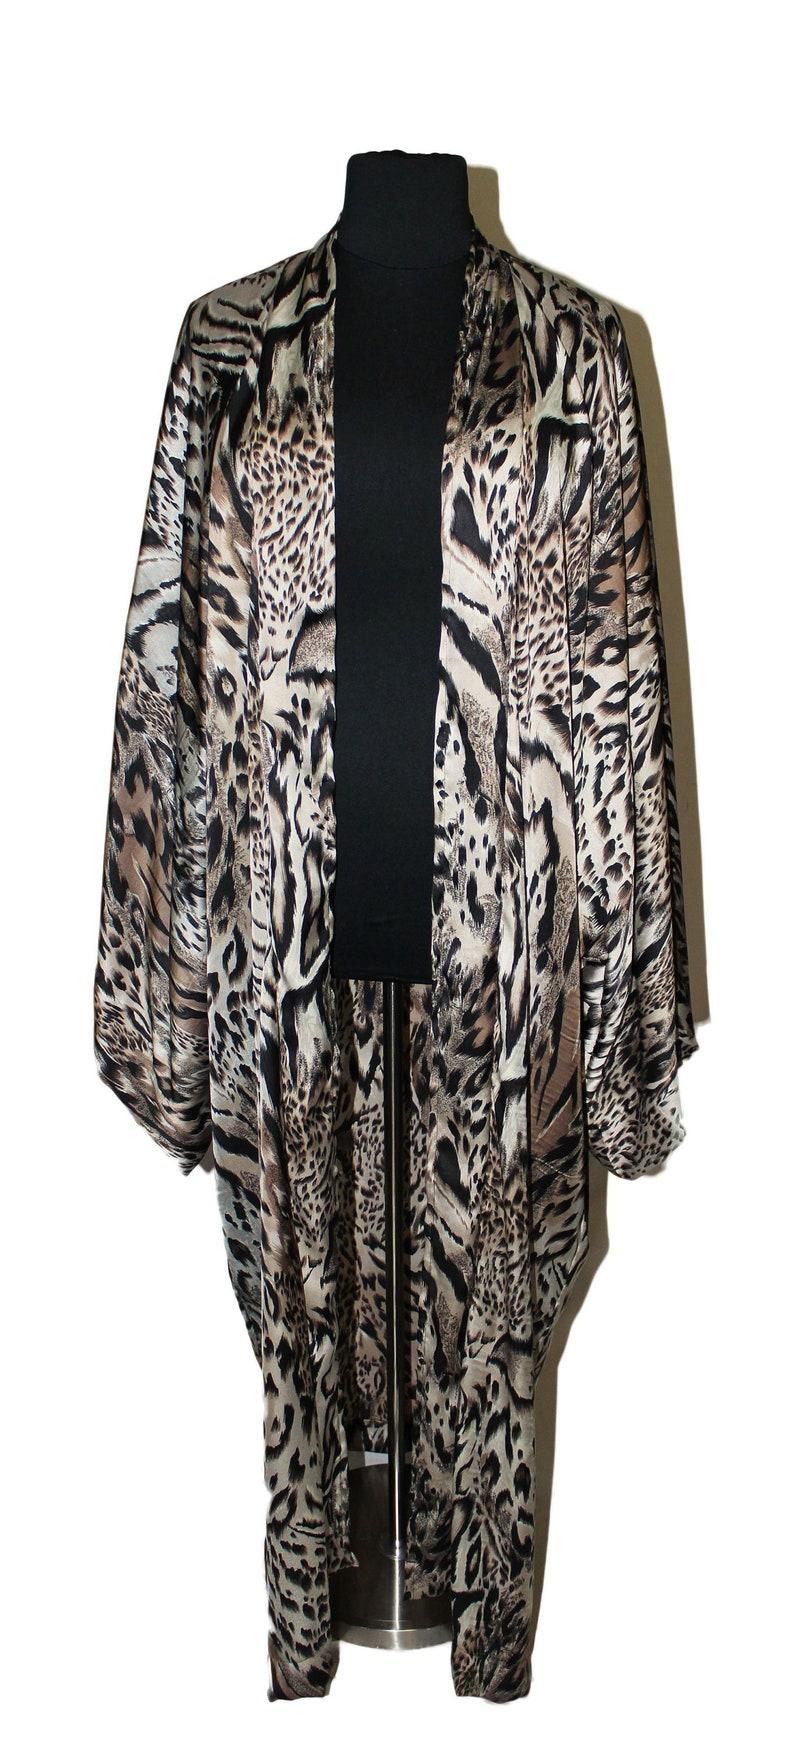 Plus Size Kimono Plus Size Duster WYLD image 0